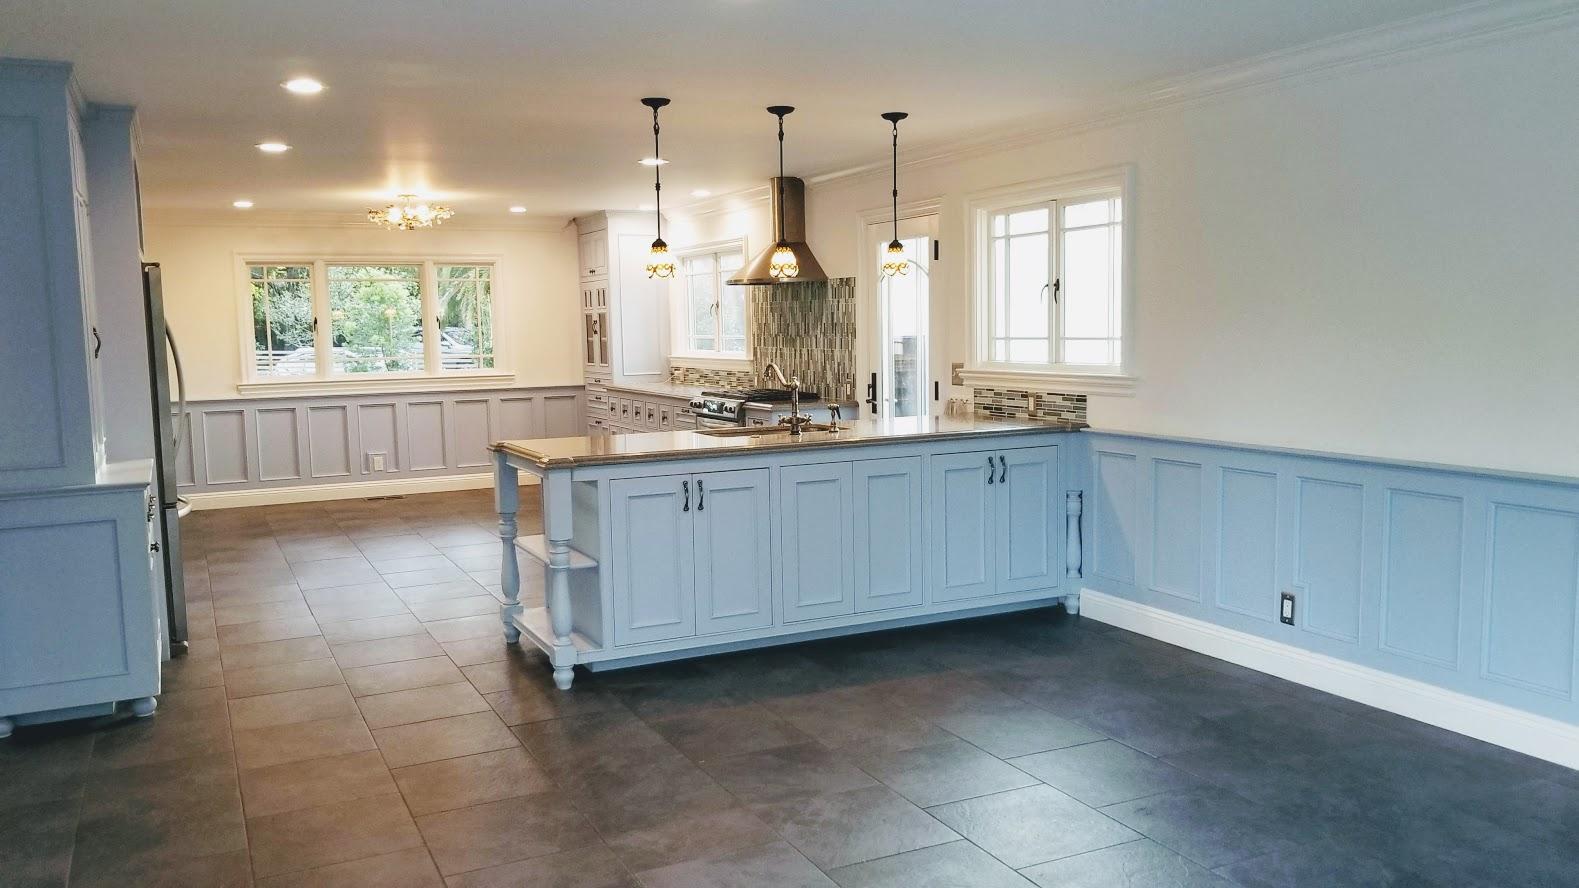 clfford pic kitchen 4.jpg